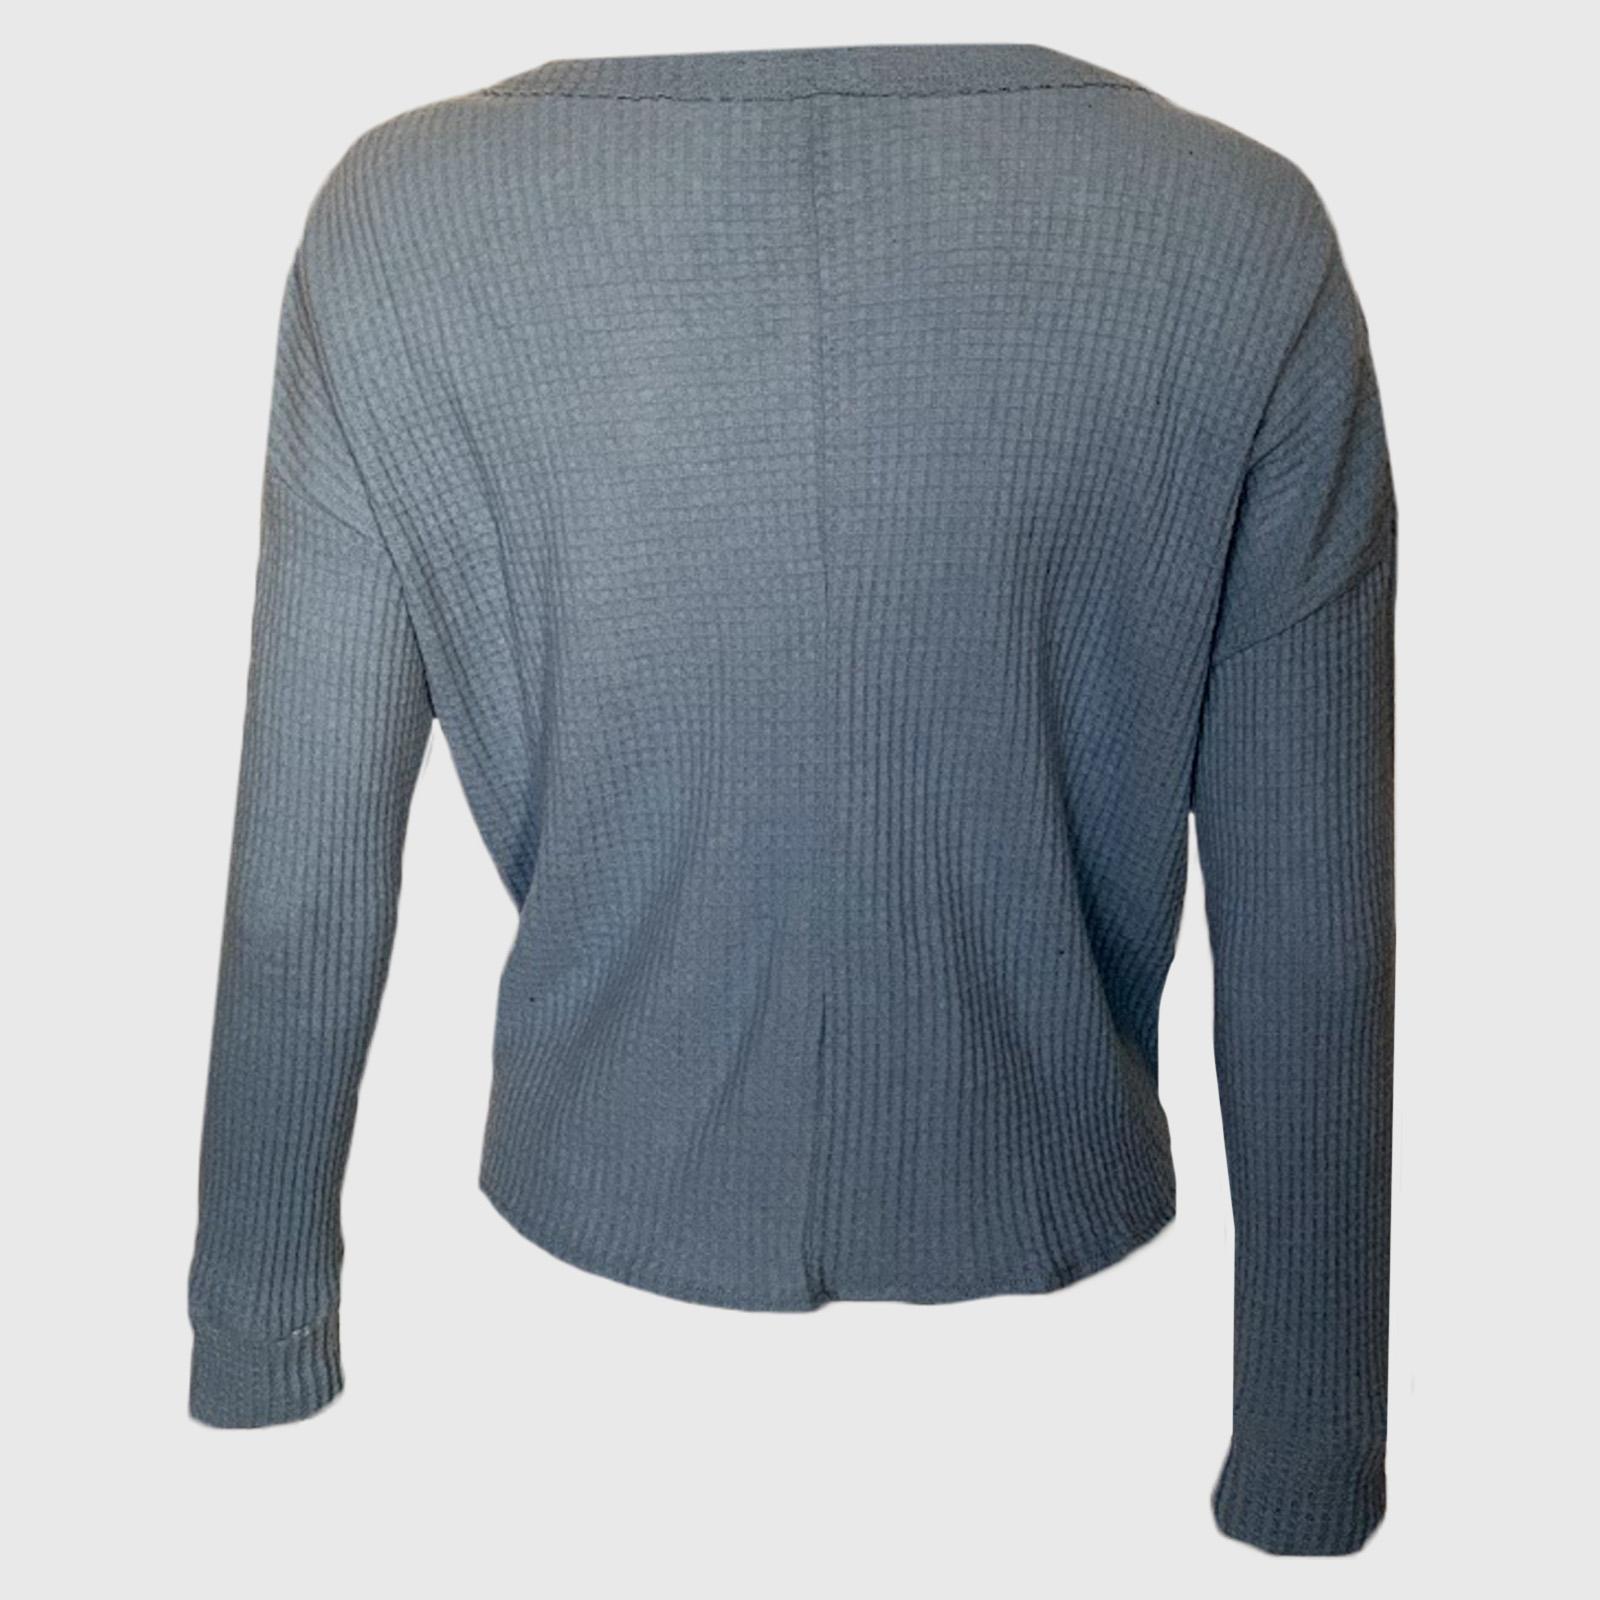 Купить в интернет магазине женскую кофту с завязкой на поясе